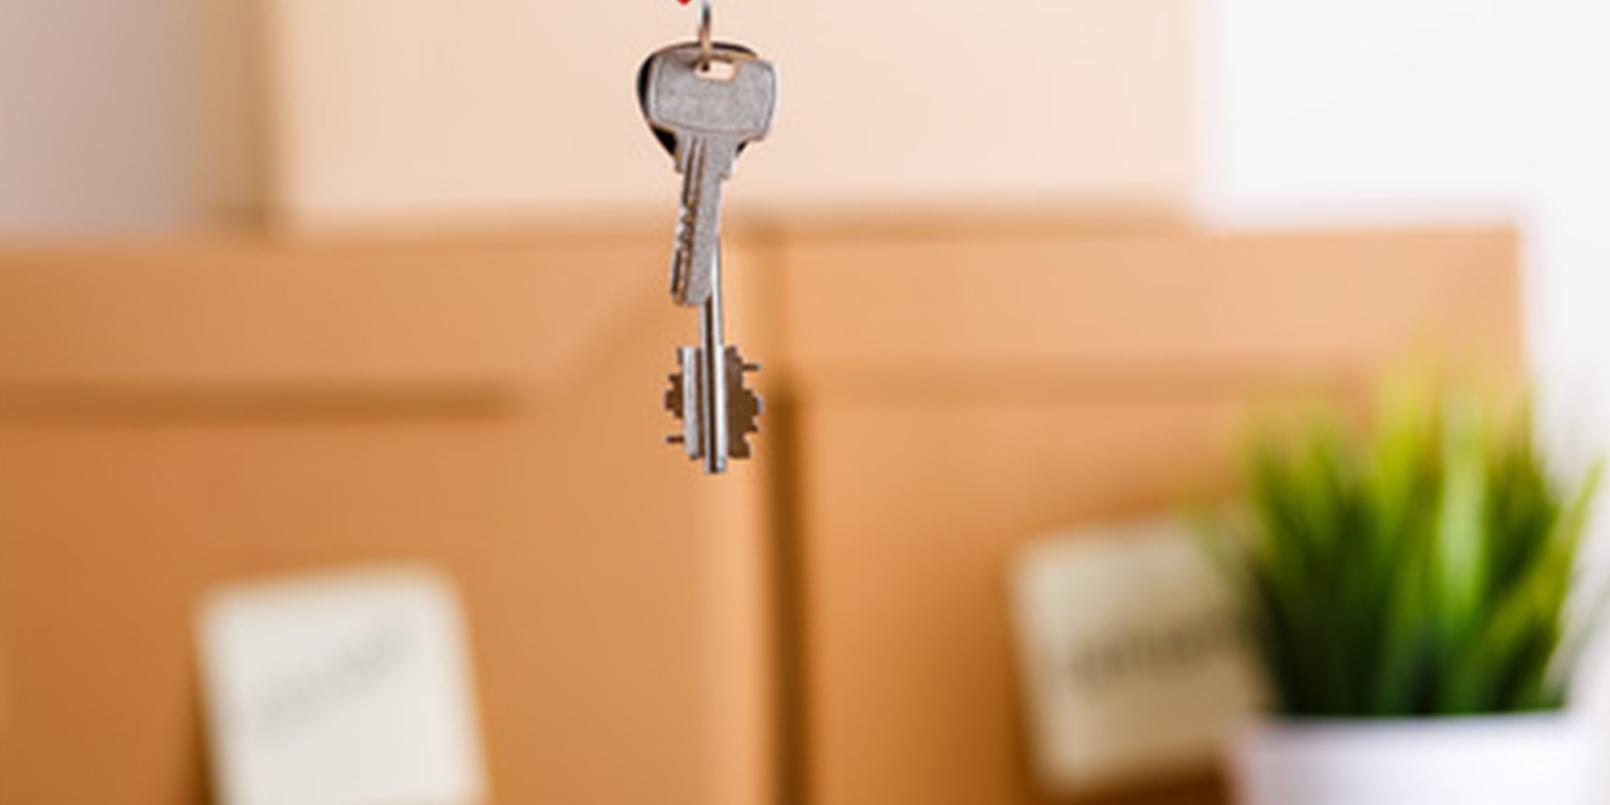 Reducción del IRPF sobre el arrendamiento de bienes inmuebles destinados a vivienda | Sala de prensa Grupo Asesor ADADE y E-Consulting Global Group